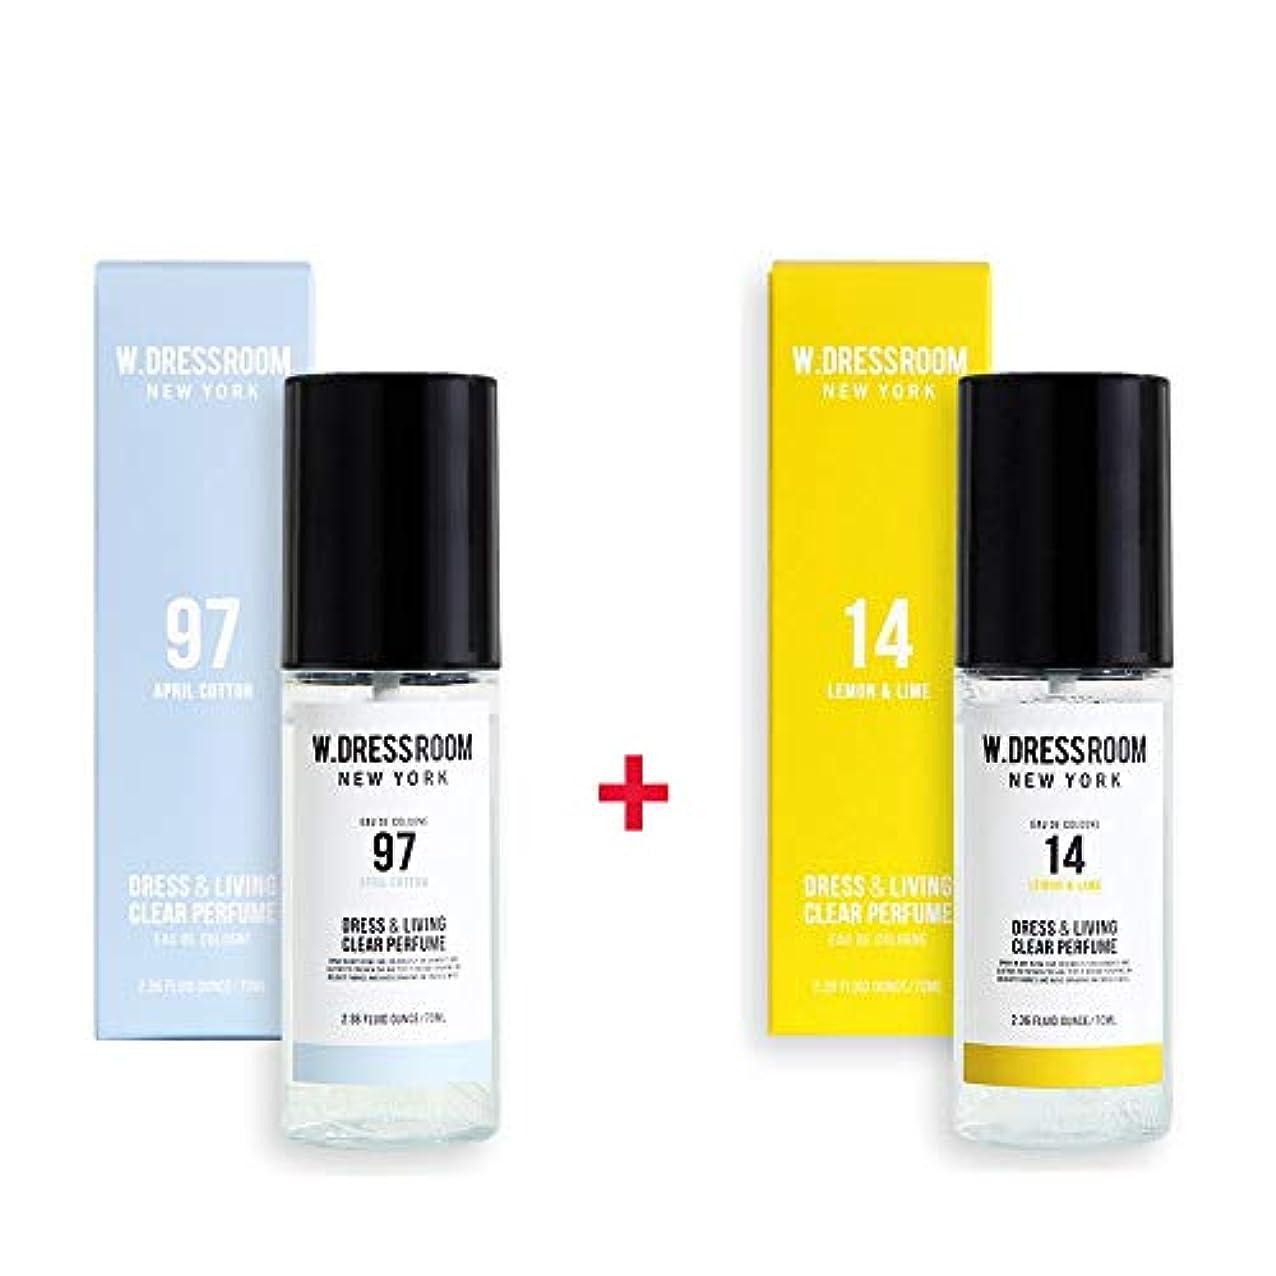 期待して素子遅れW.DRESSROOM Dress & Living Clear Perfume 70ml (No 97 April Cotton)+(No 14 Lemon & Lime)